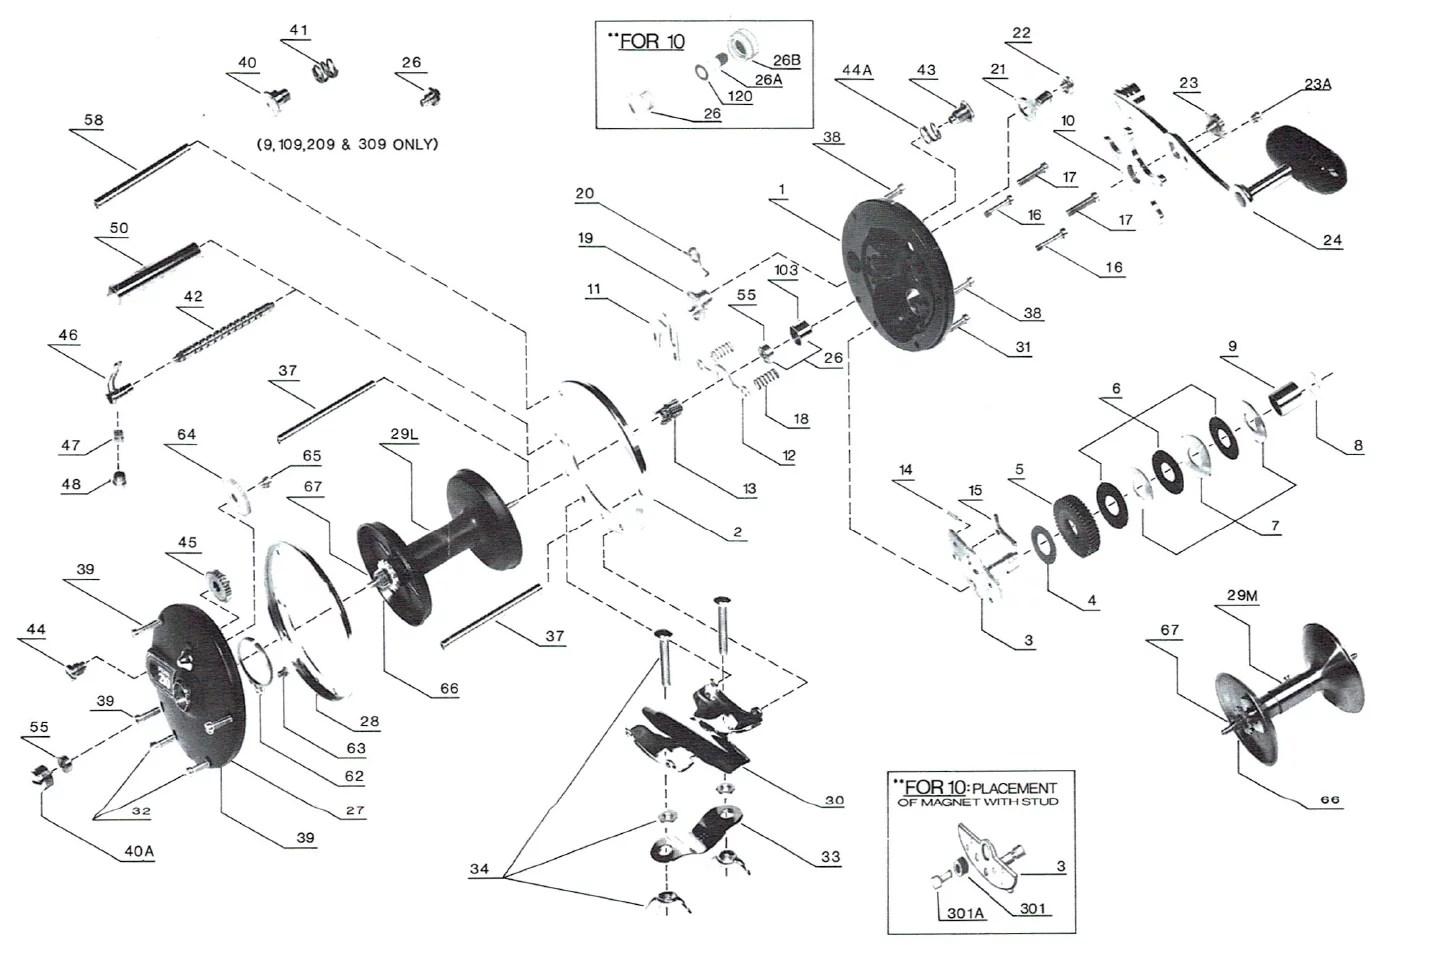 shimano parts schematics, engine schematics, electric schematics, daiwa parts schematics, wire schematics, abu garcia schematics, ambassadeur 6500 striper drag schematics, trailer schematics, on reel schematics